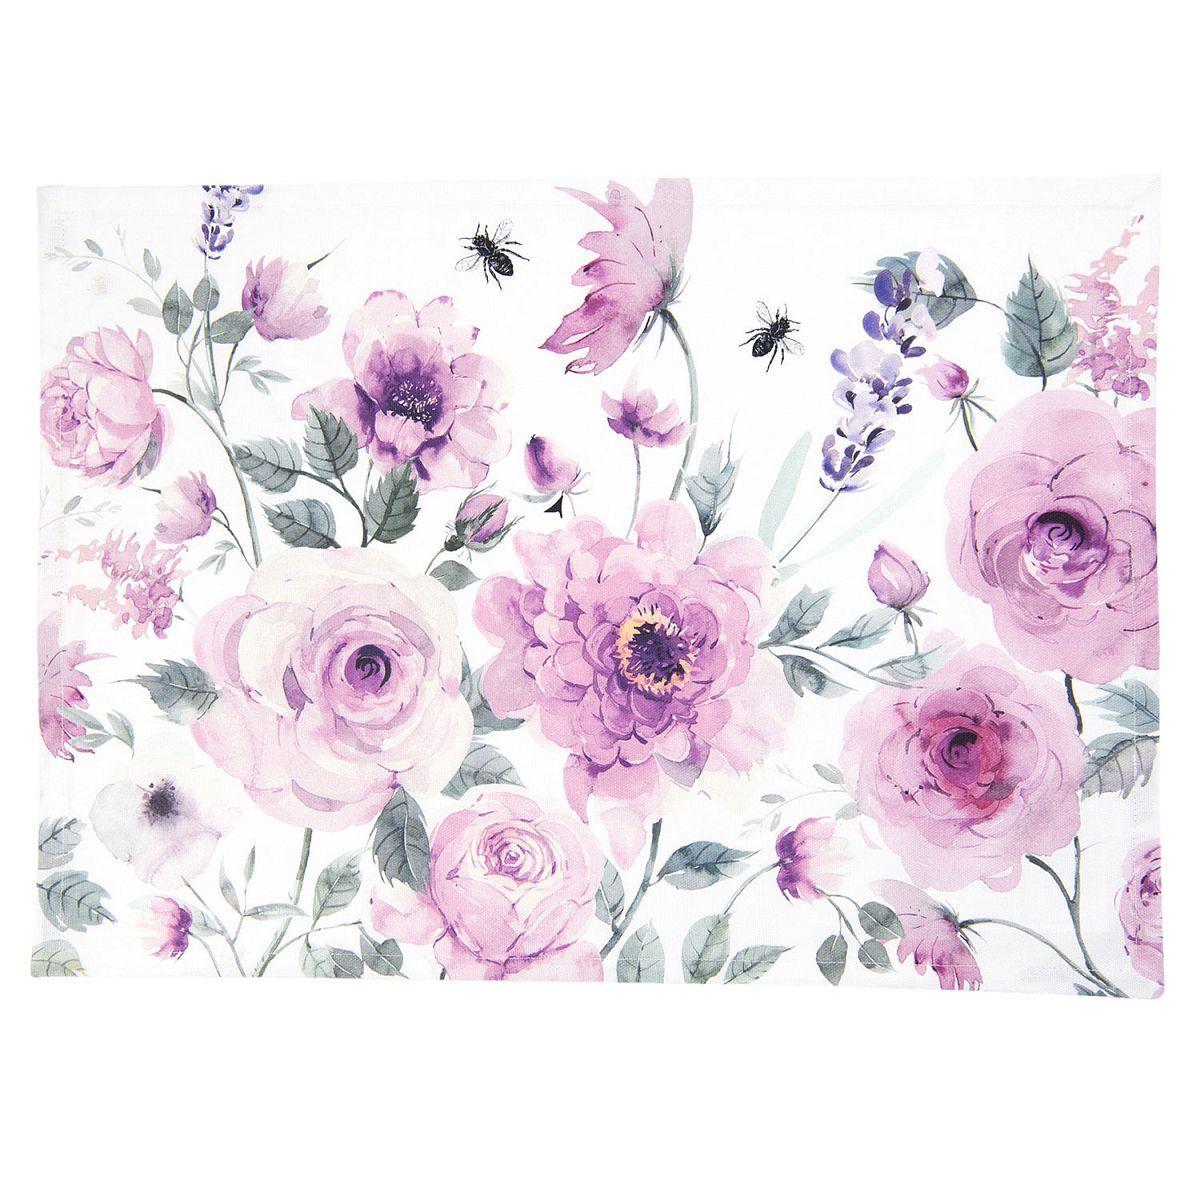 Textilní prostírání ROSES AND BUTTERFLIES 48*33 cm - sada 6 kusů